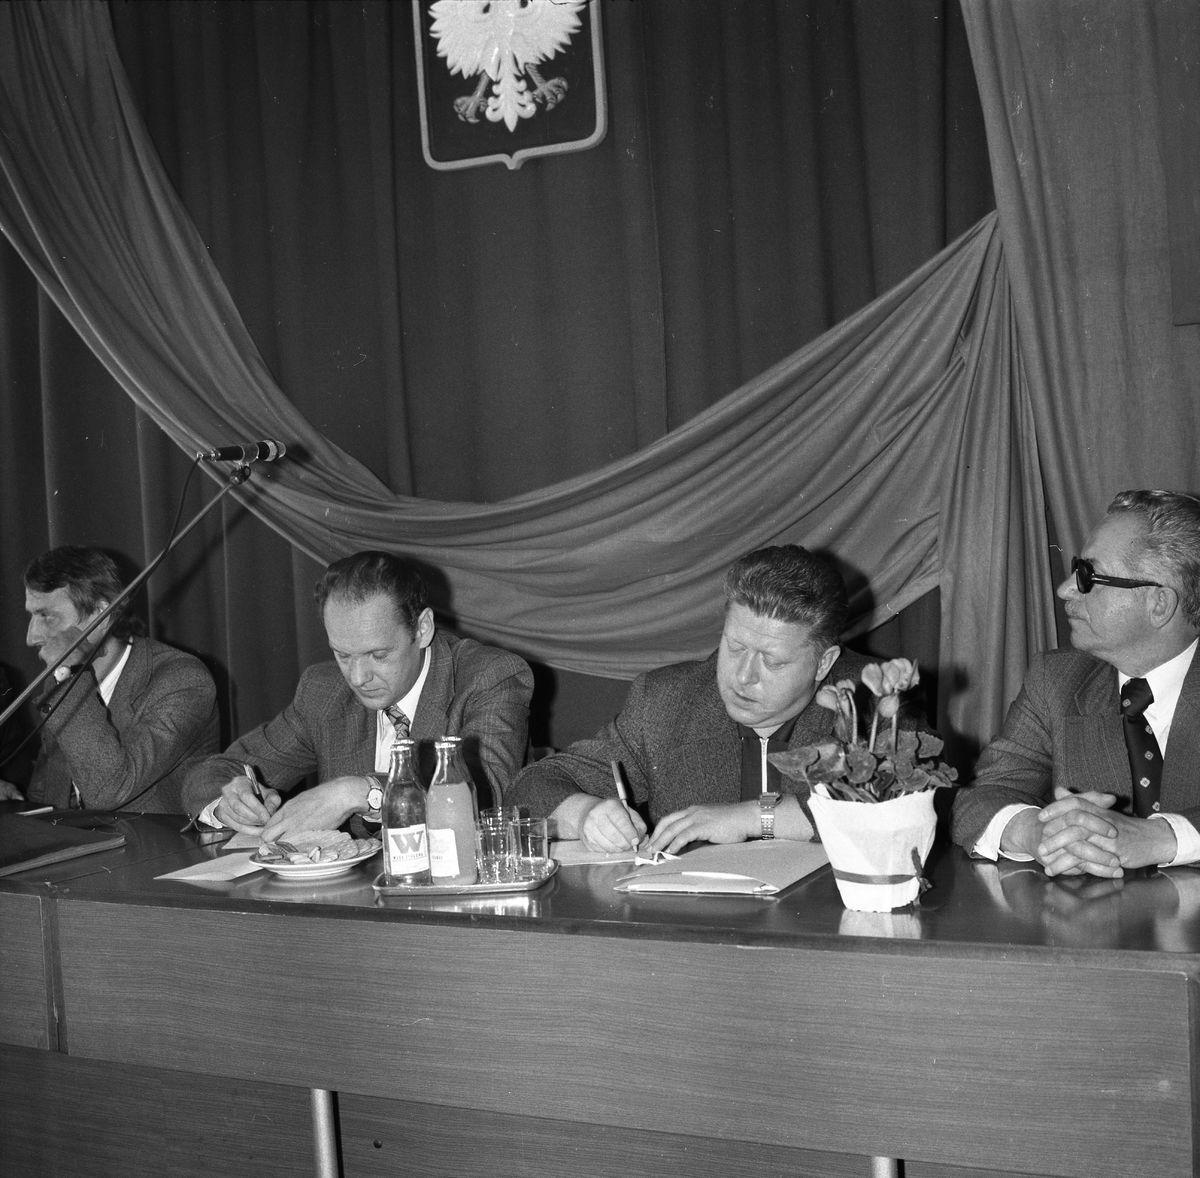 Wizyta konsula ZSRR w siedzibie Komitetu Miejskiego PZPR, 1977 r.